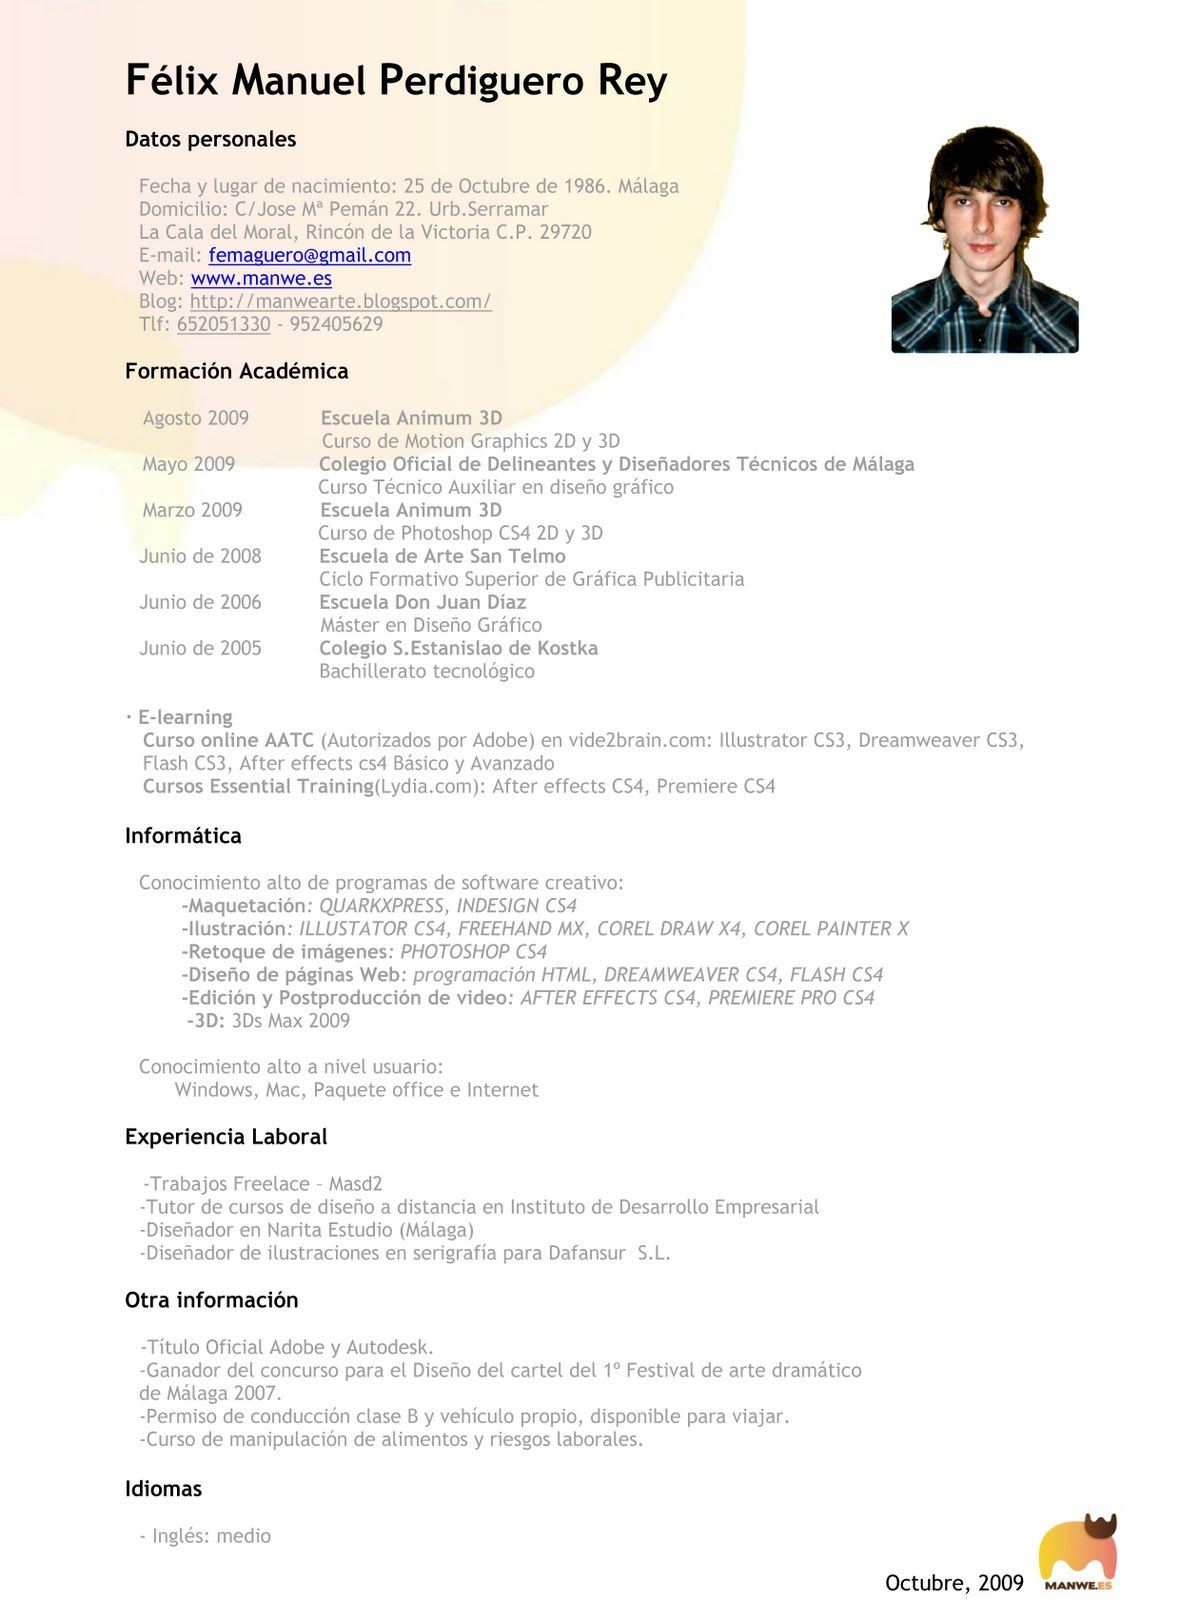 Moderno Currículums Ideas Ornamento Elaboración Festooning Adorno ...